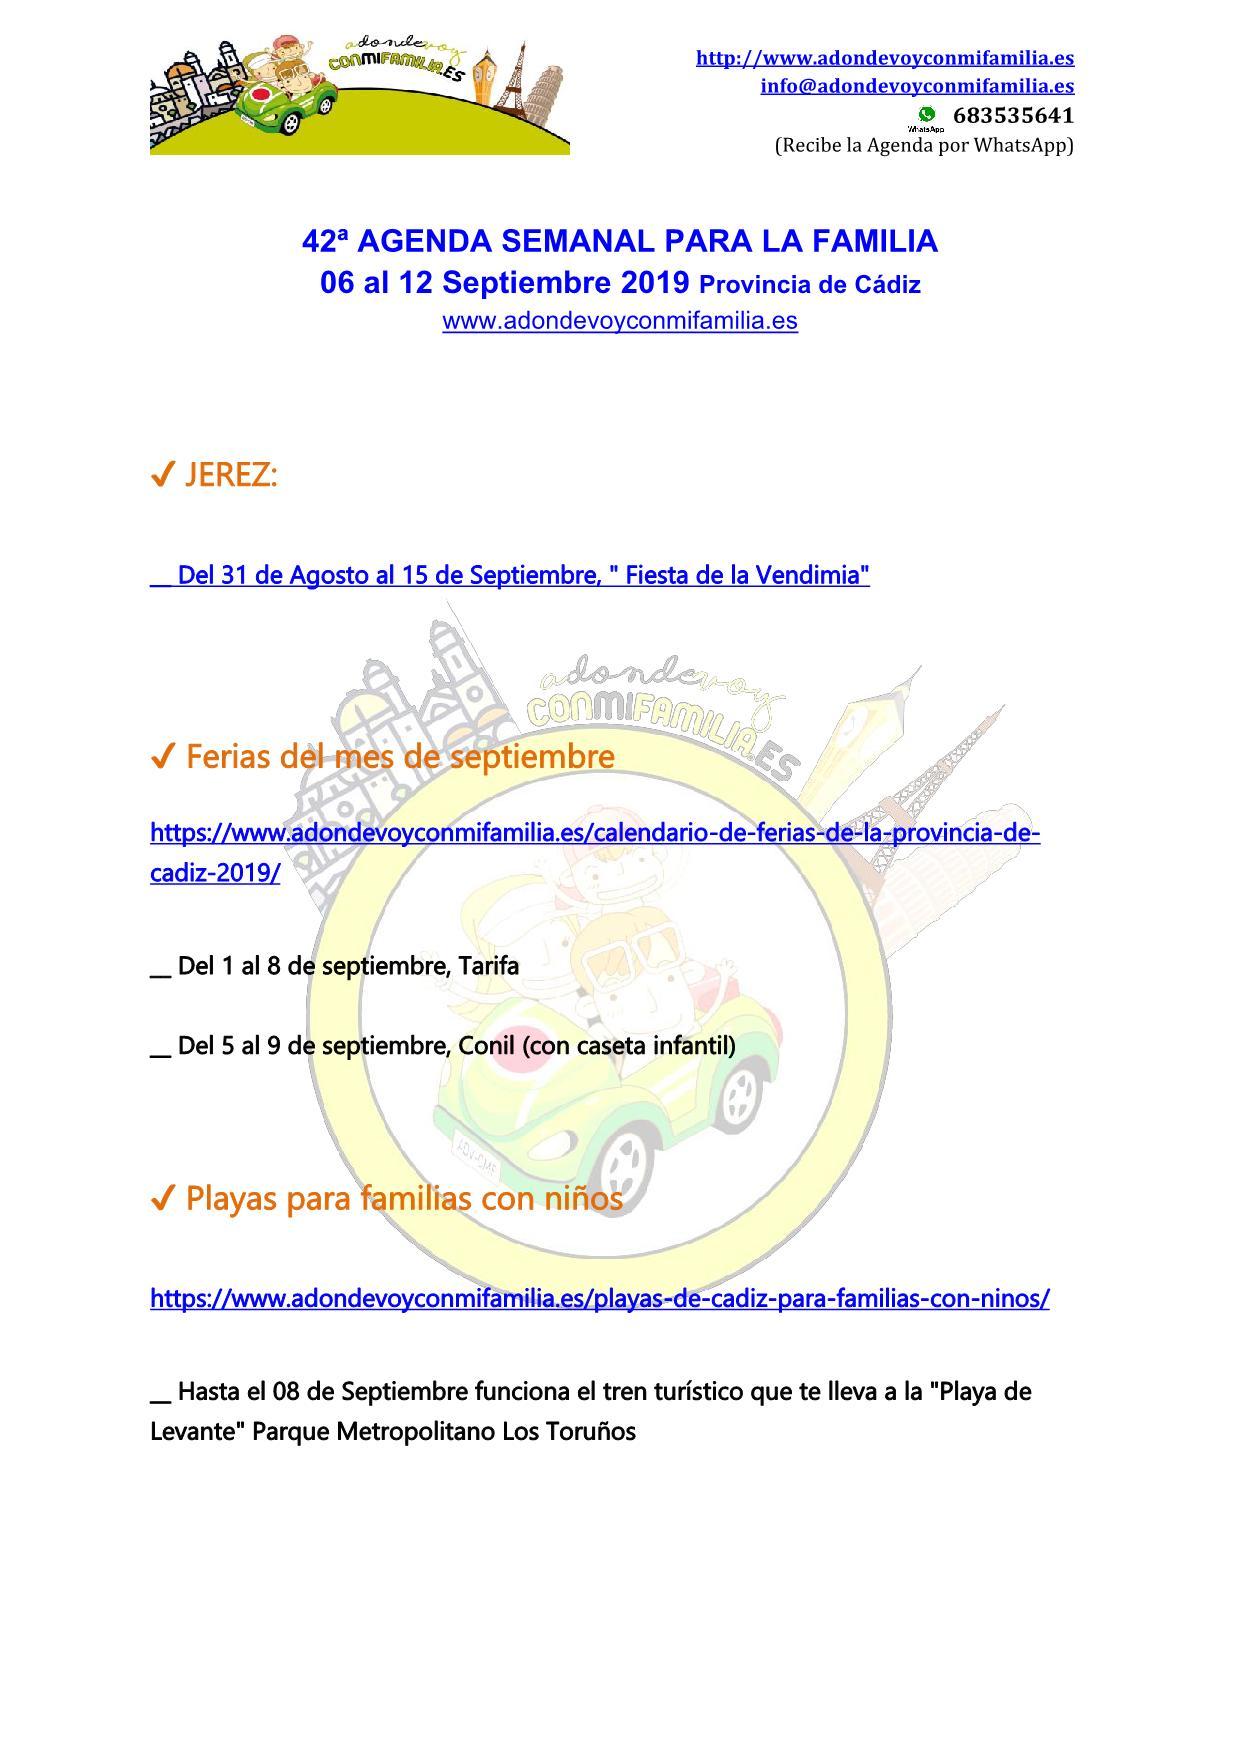 042 Agenda semanal familiar 06 al 12 septiembre 2019